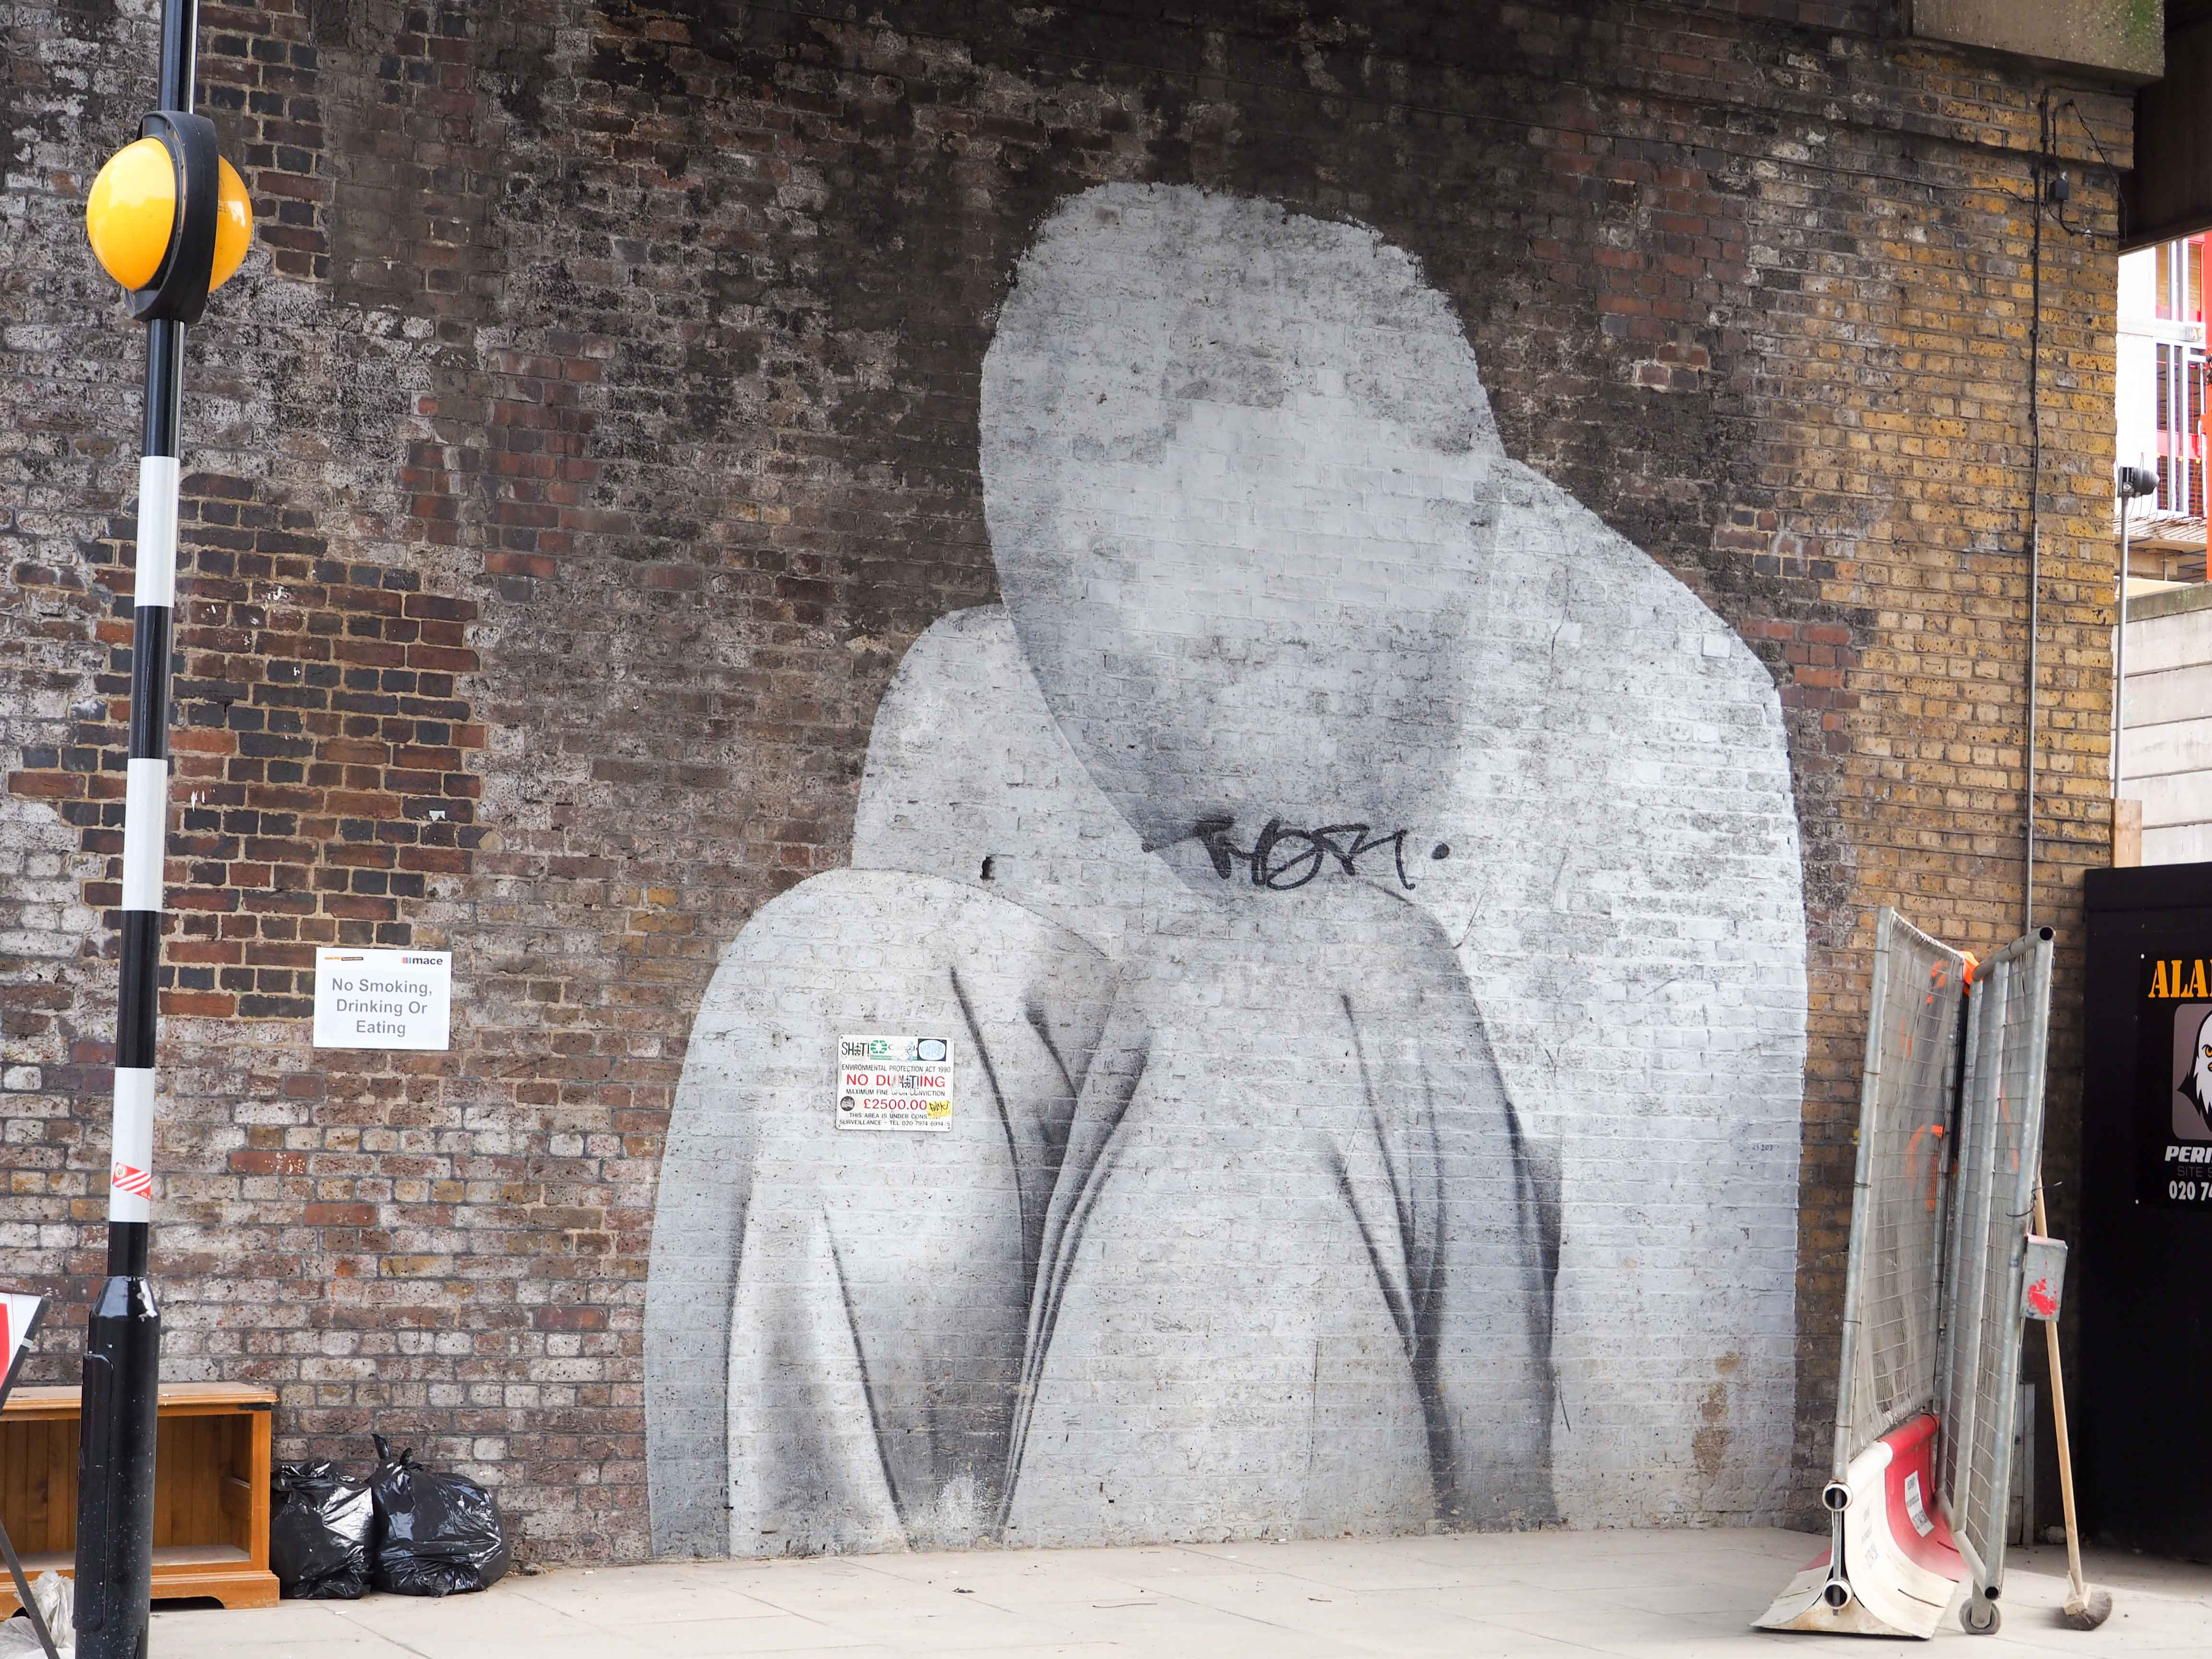 unbekannter Künstler stellt hockenden Menschen mit verdecktem Kopf auf einem Brückenpfeiler dar